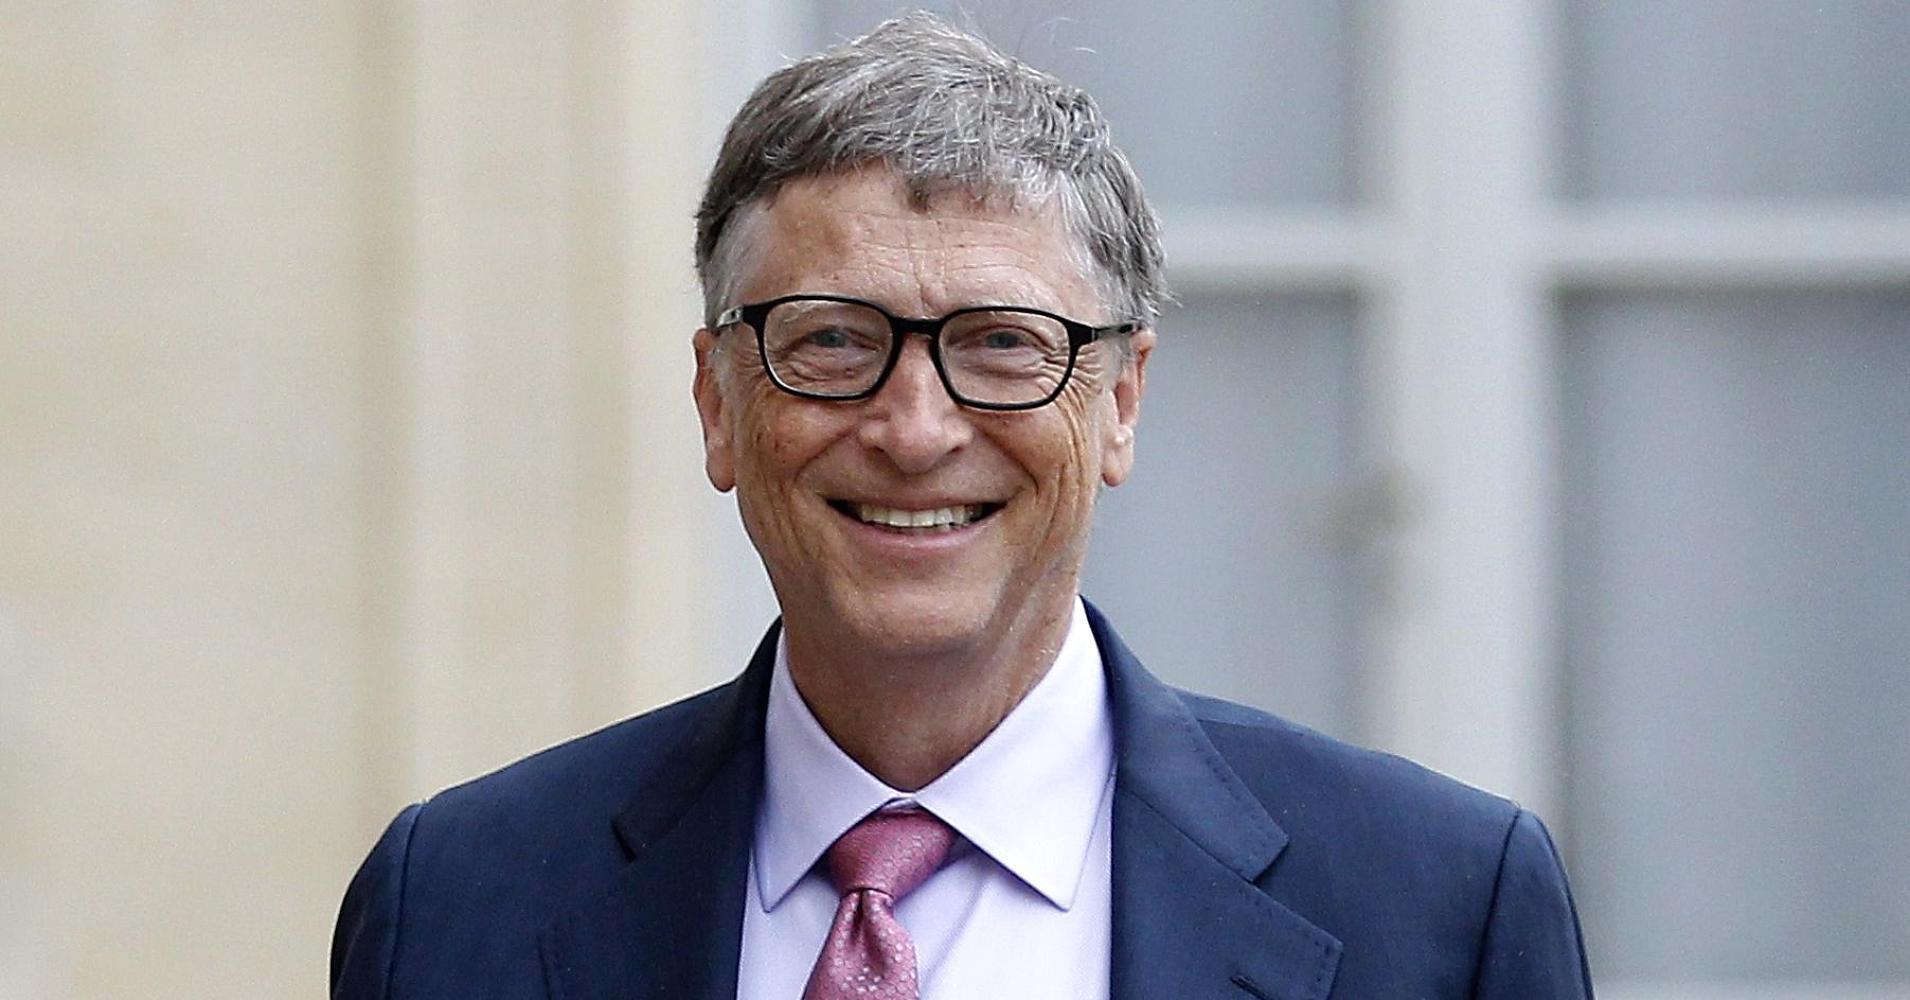 7 sếp lớn công nghệ này toàn nghỉ học để đi làm tỷ phú, nhưng đừng bắt chước họ nhé - Ảnh 1.